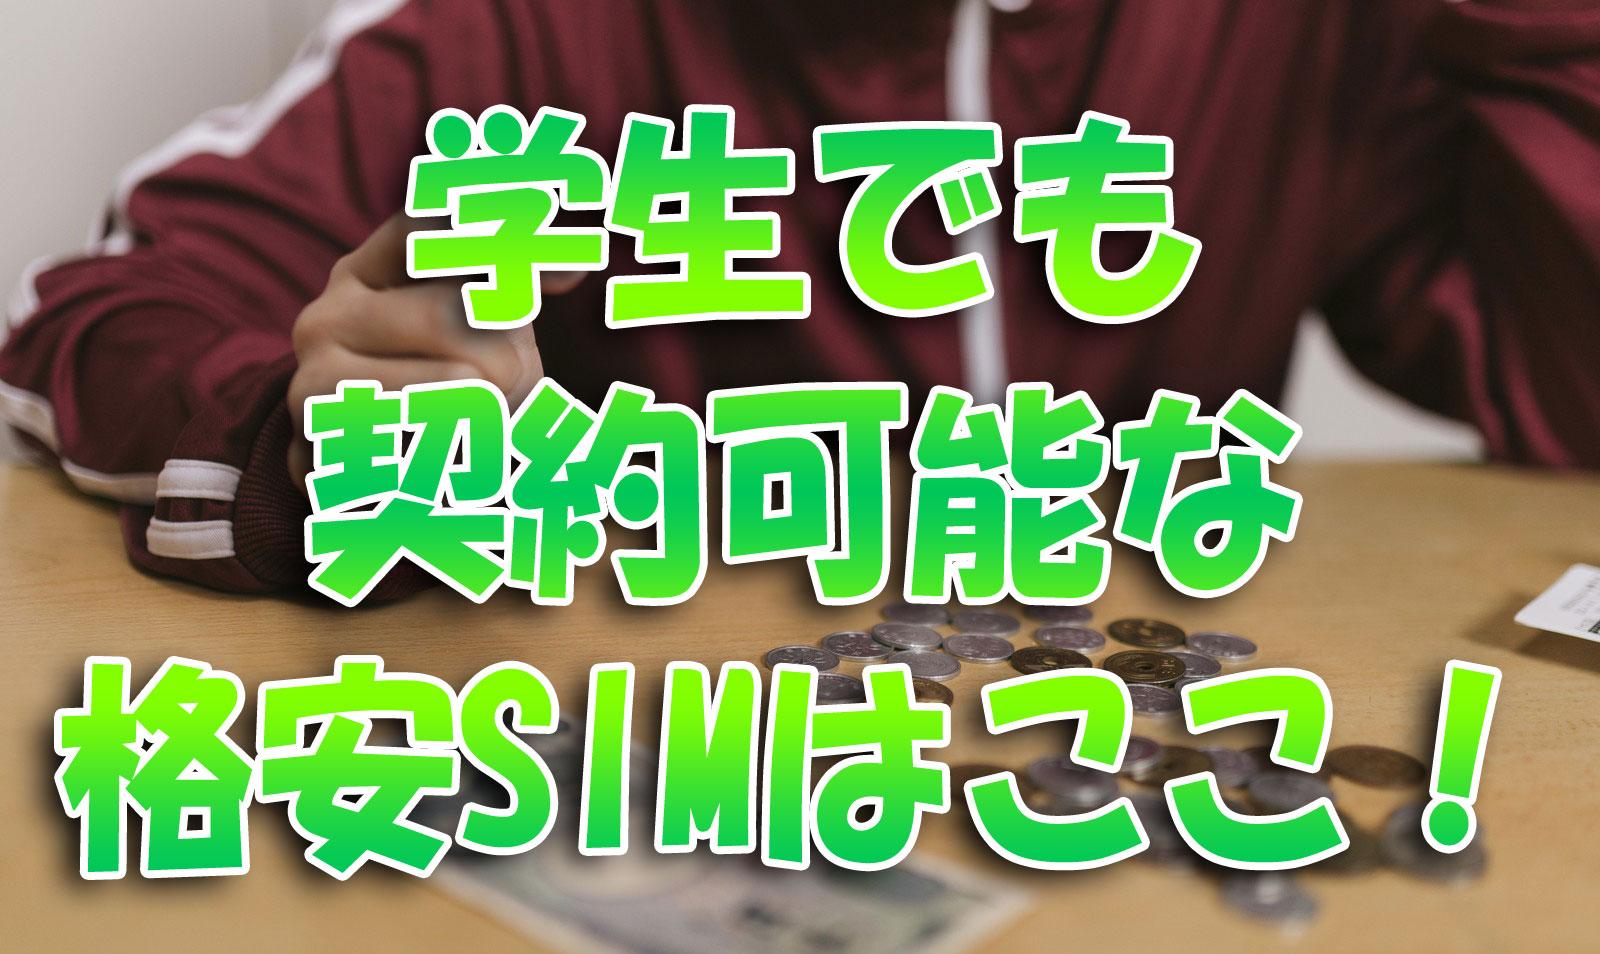 学生でも契約可能な格安SIMはここ!